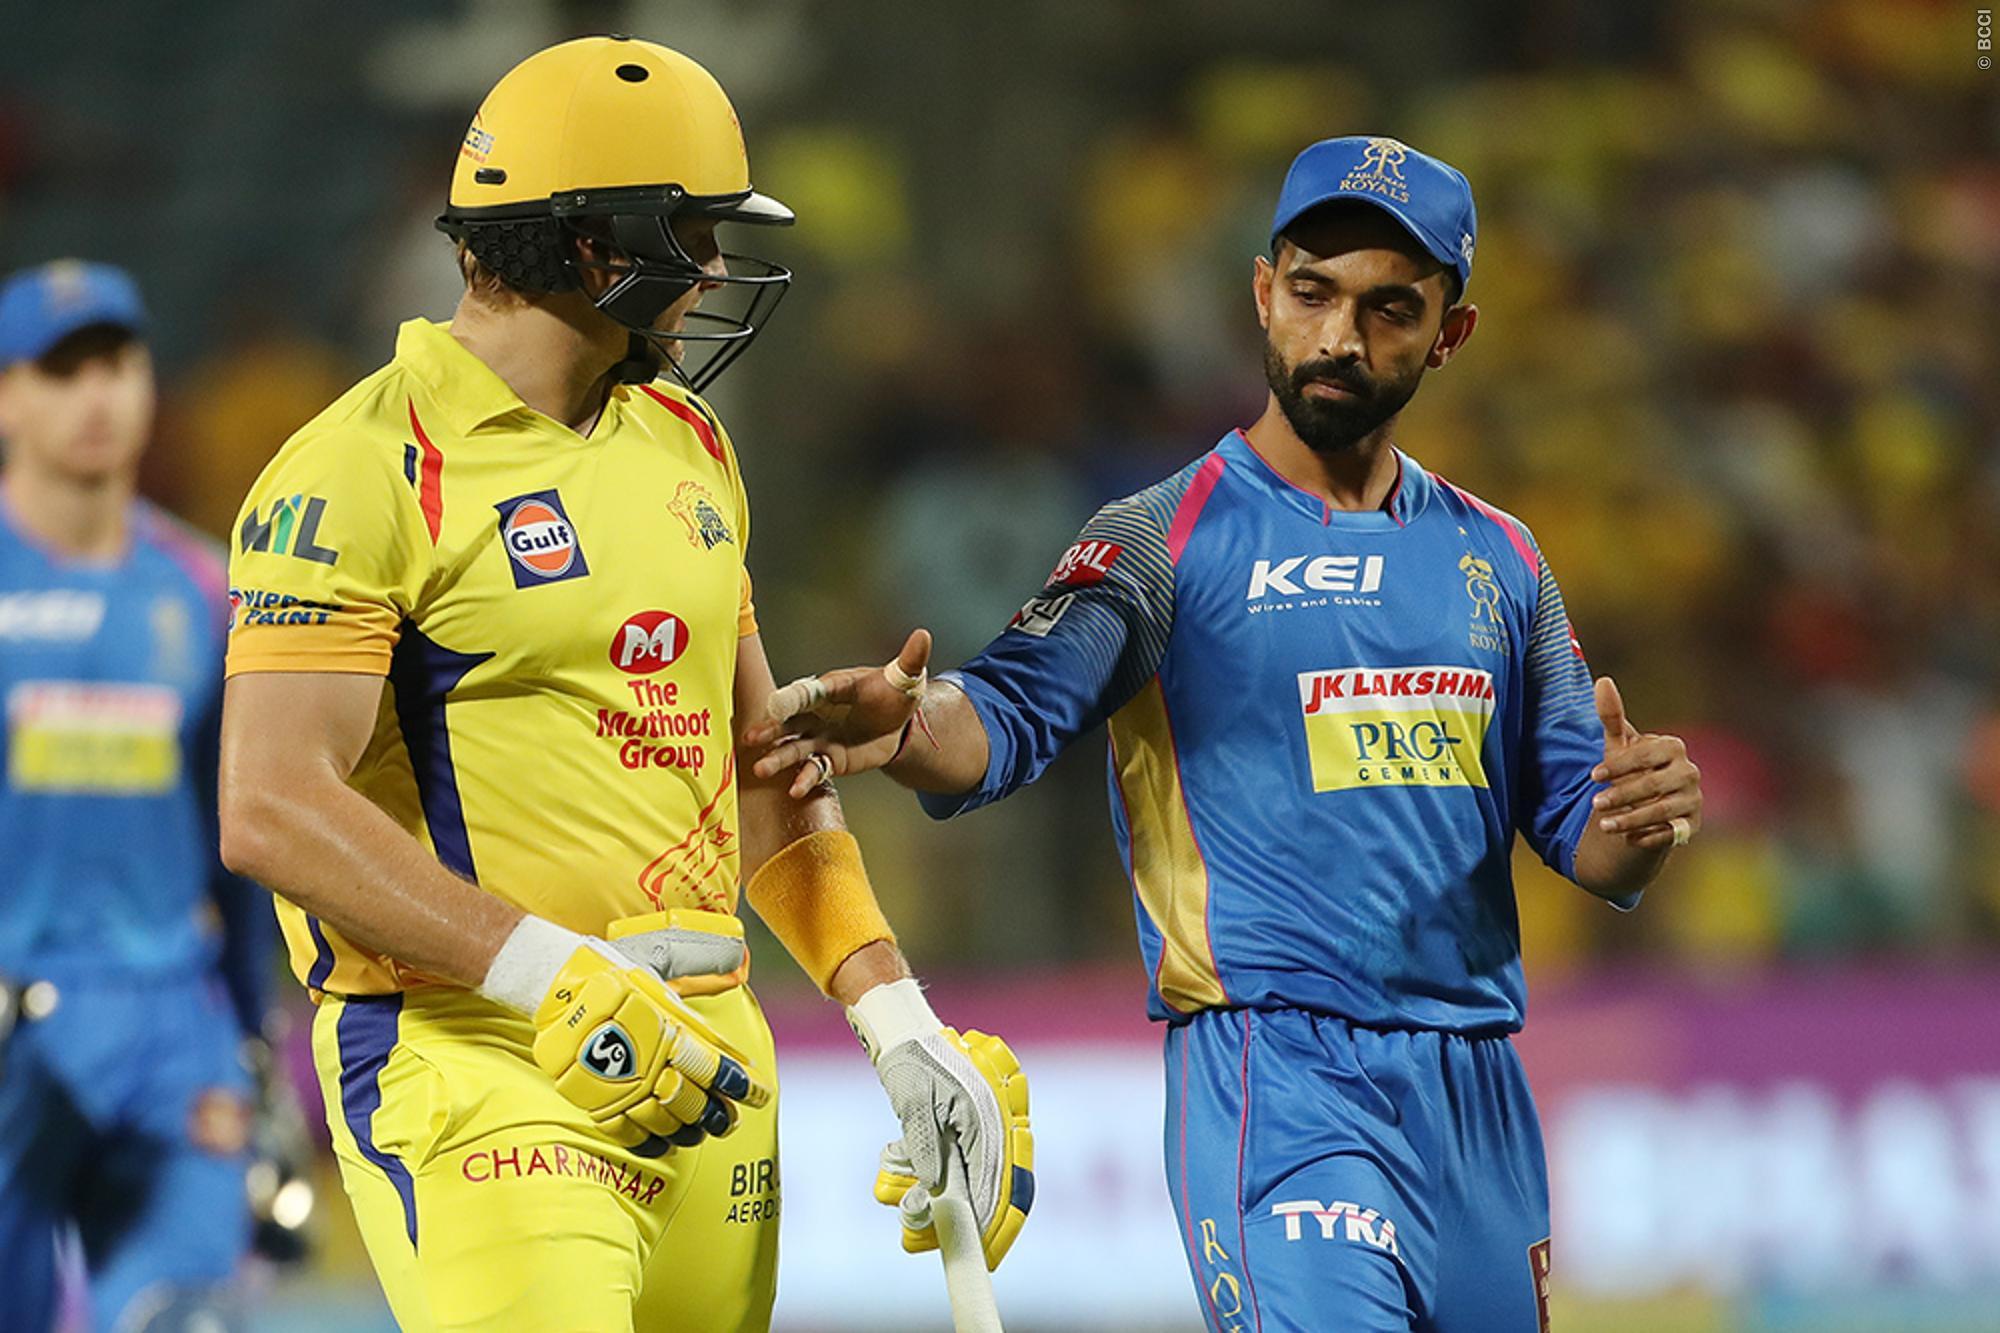 STATS: चेन्नई सुपर किंग्स बनाम राजस्थान रॉयल्स के बीच मैच में बने कुल 6 रिकॉर्ड, तो ऐसा करने वाले दुनिया के एकलौते बल्लेबाज बने शेन वाटसन 5